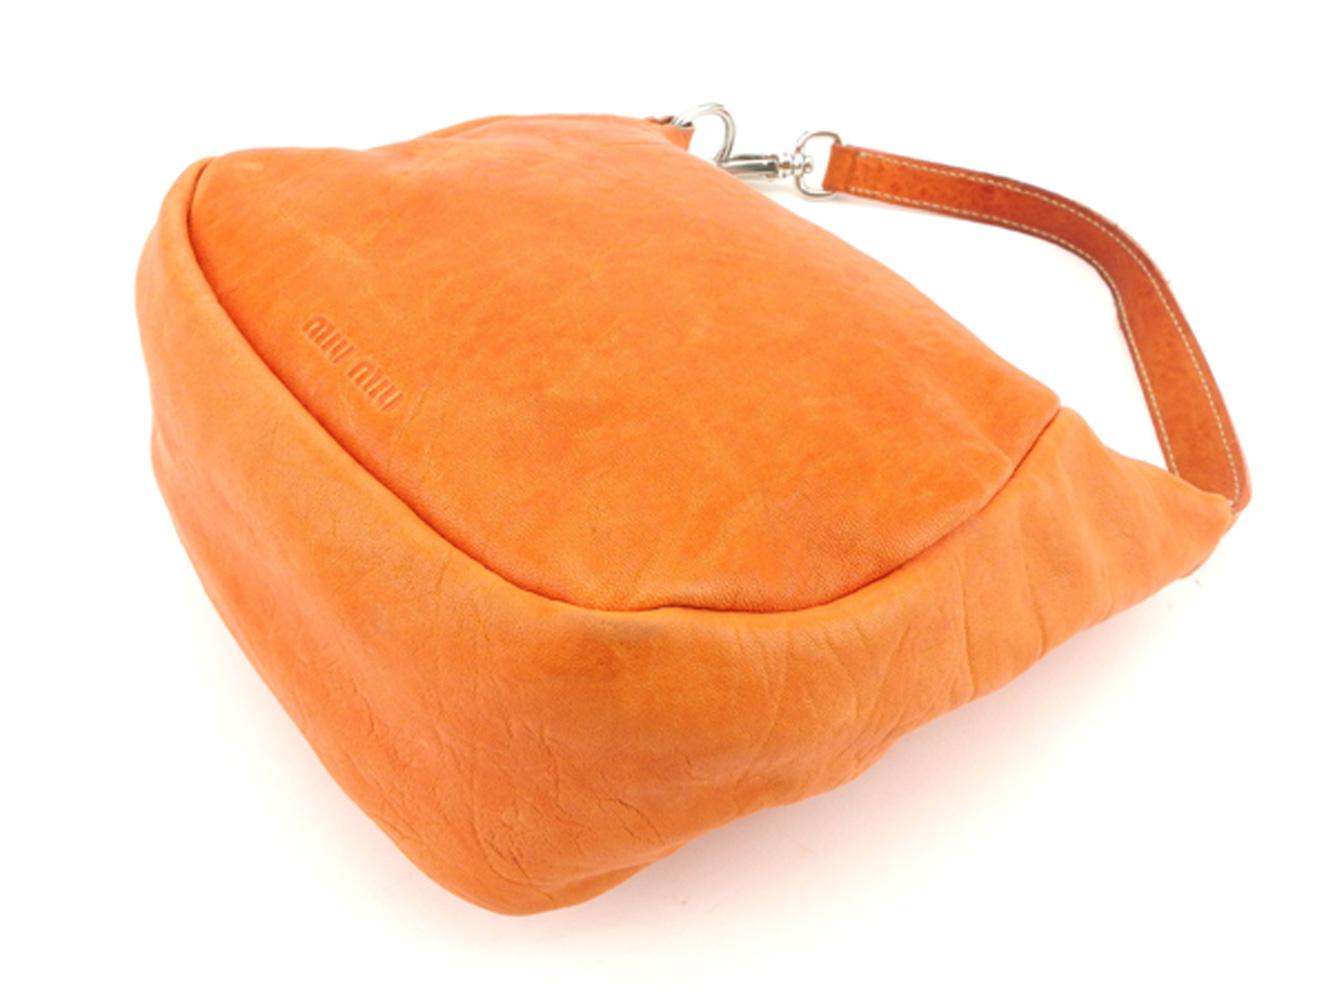 ミュウミュウ miumiu ハンドバッグ ポーチ レディース メンズ オレンジ プレゼント バック ブランド 人気 収納 在庫一掃 1点物 兼用 男性 女性 良品 夏 G1283m8v0nNw